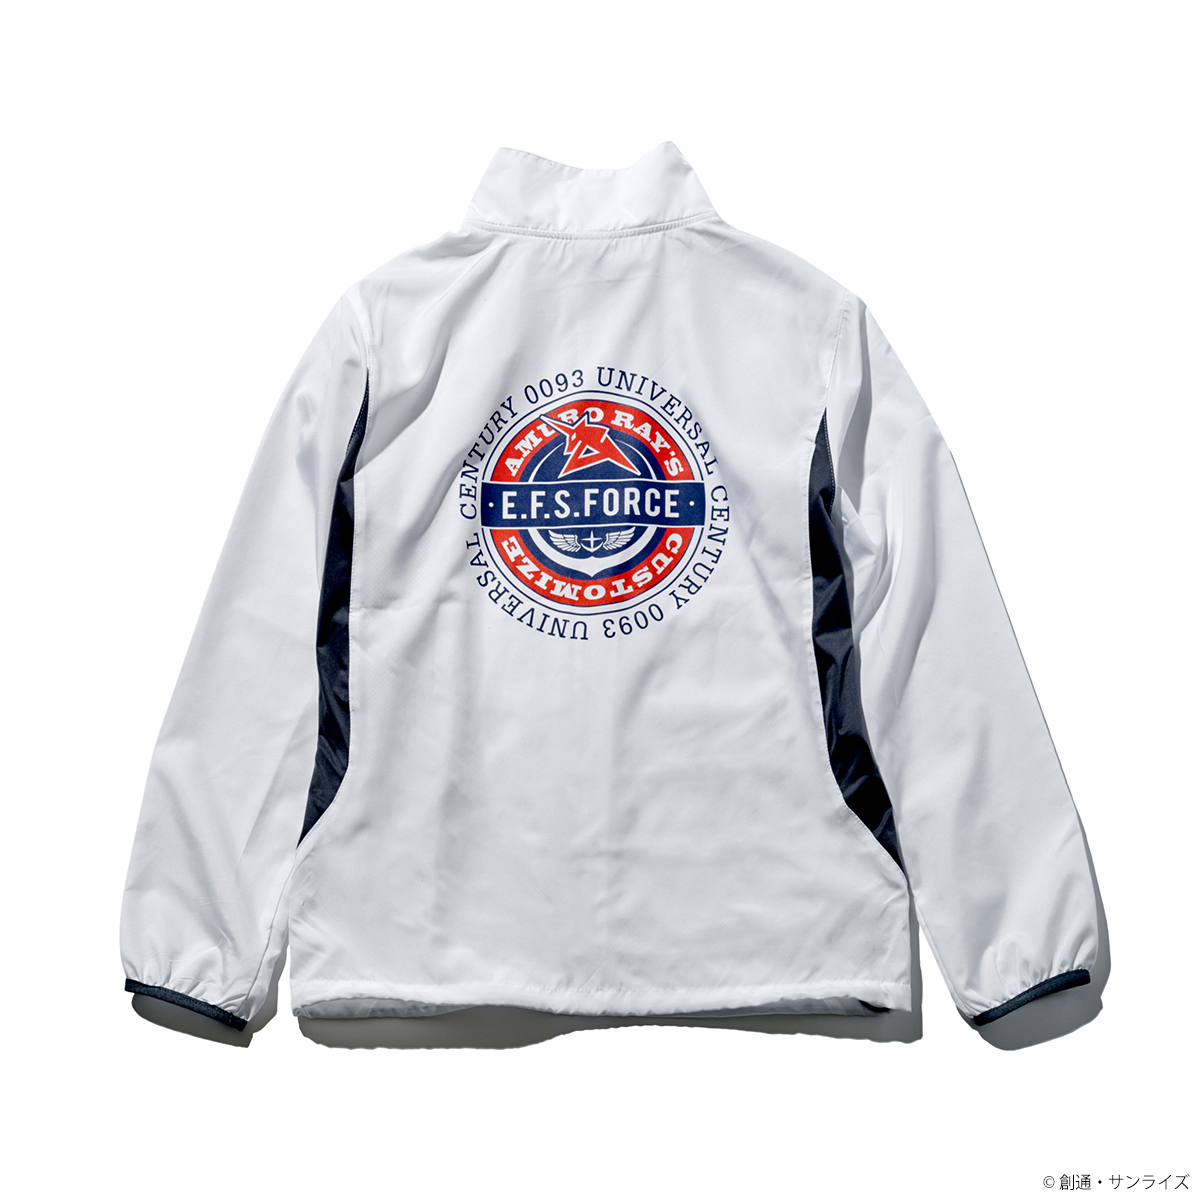 STRICT-G『機動戦士ガンダム 逆襲のシャア』リップストップジャケット E.F.S.F.柄